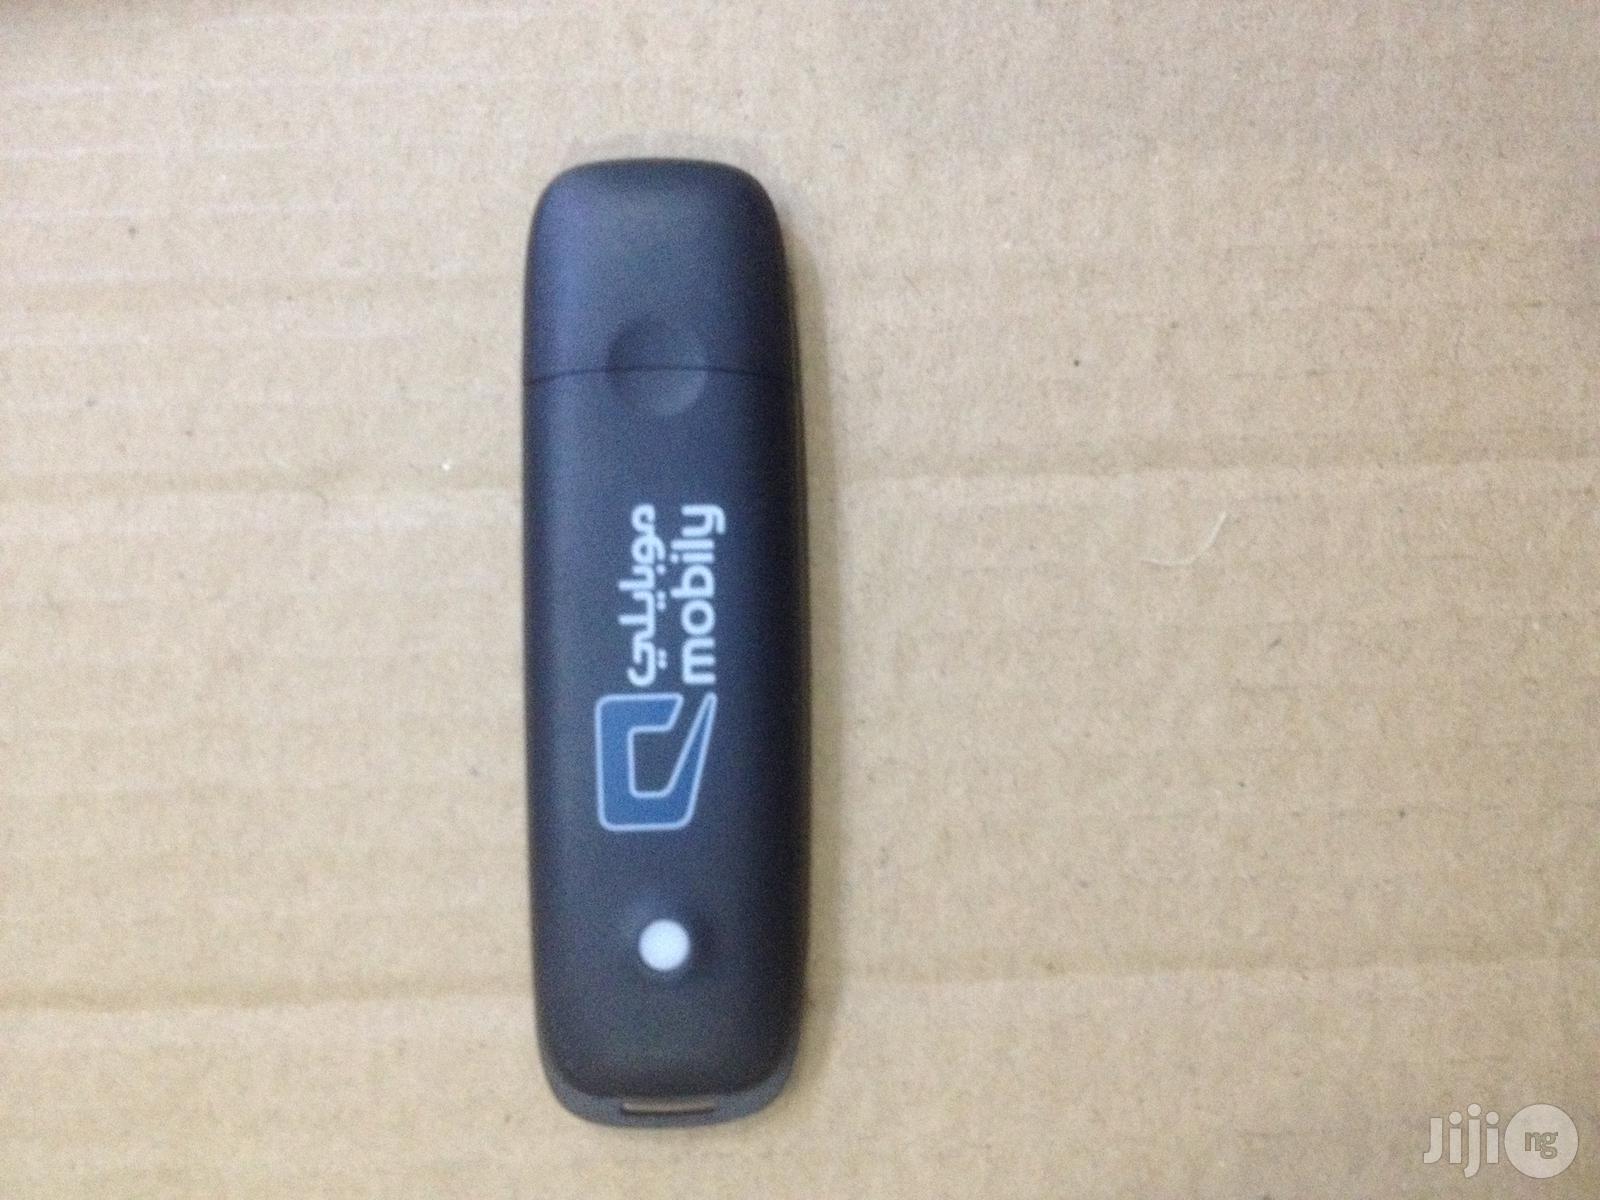 Mobily Zte Mf665c USB 3G Modem